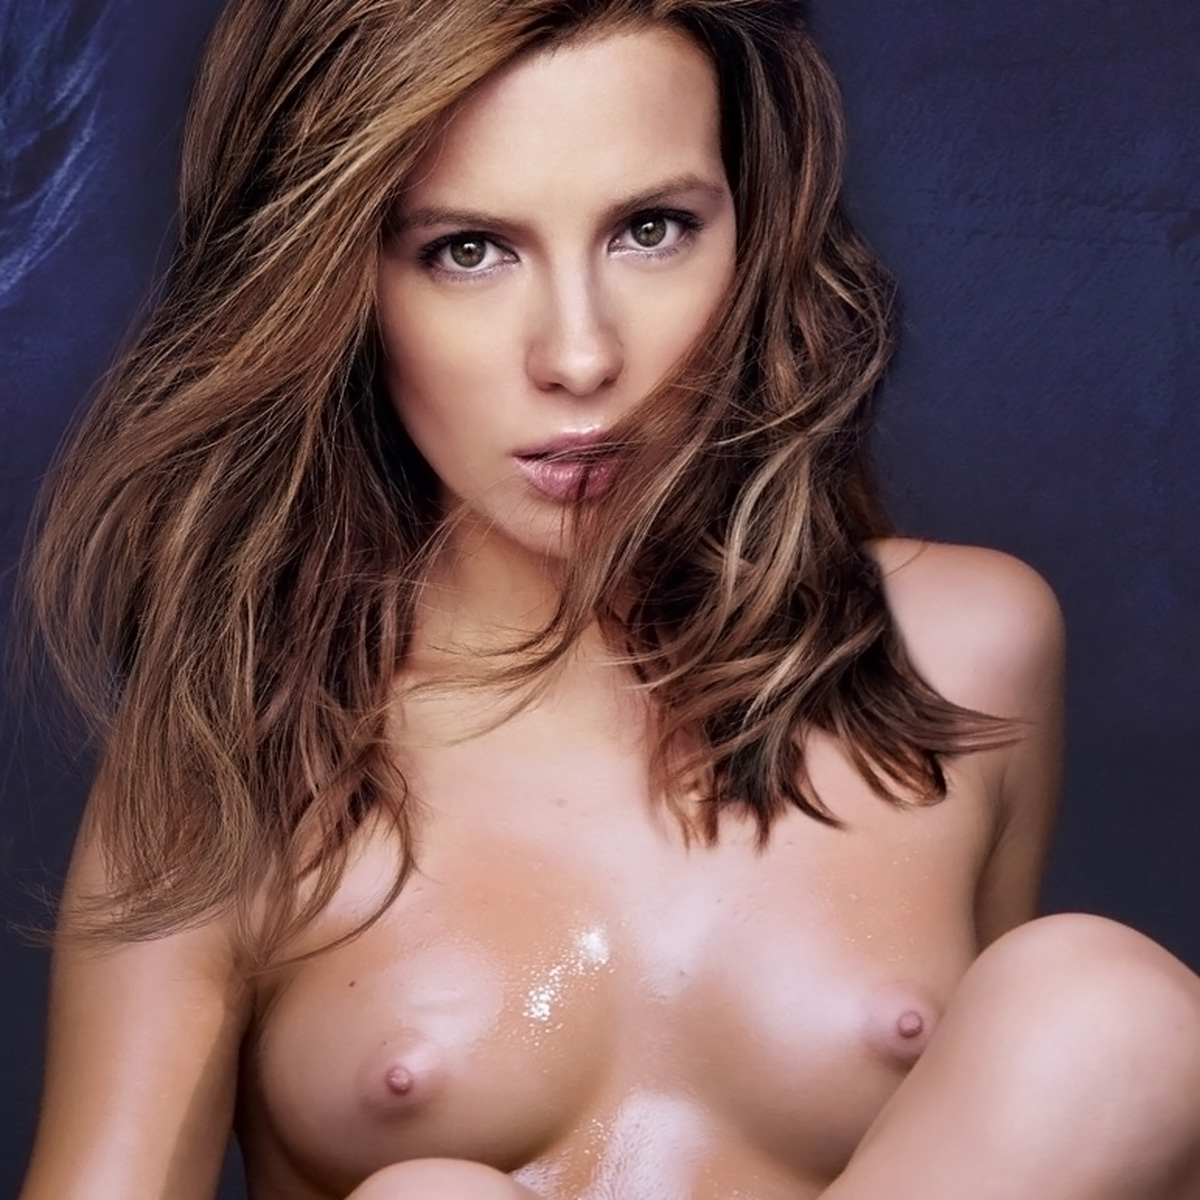 Kate beckinsale nude photos naked sex pics